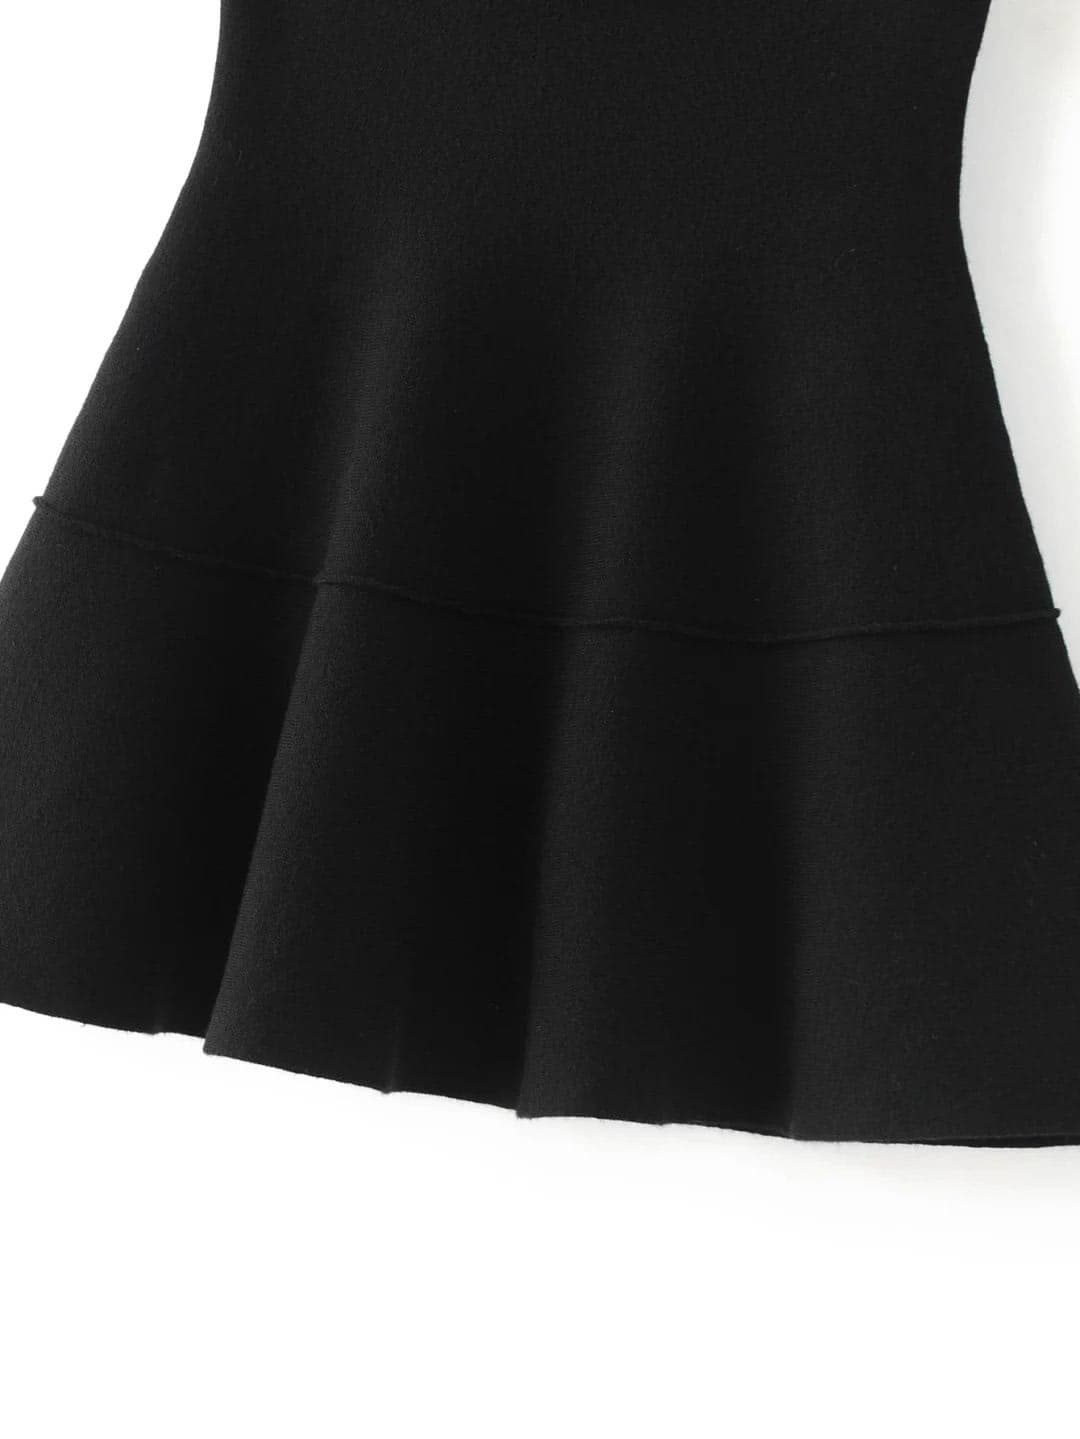 skirt161021202_2